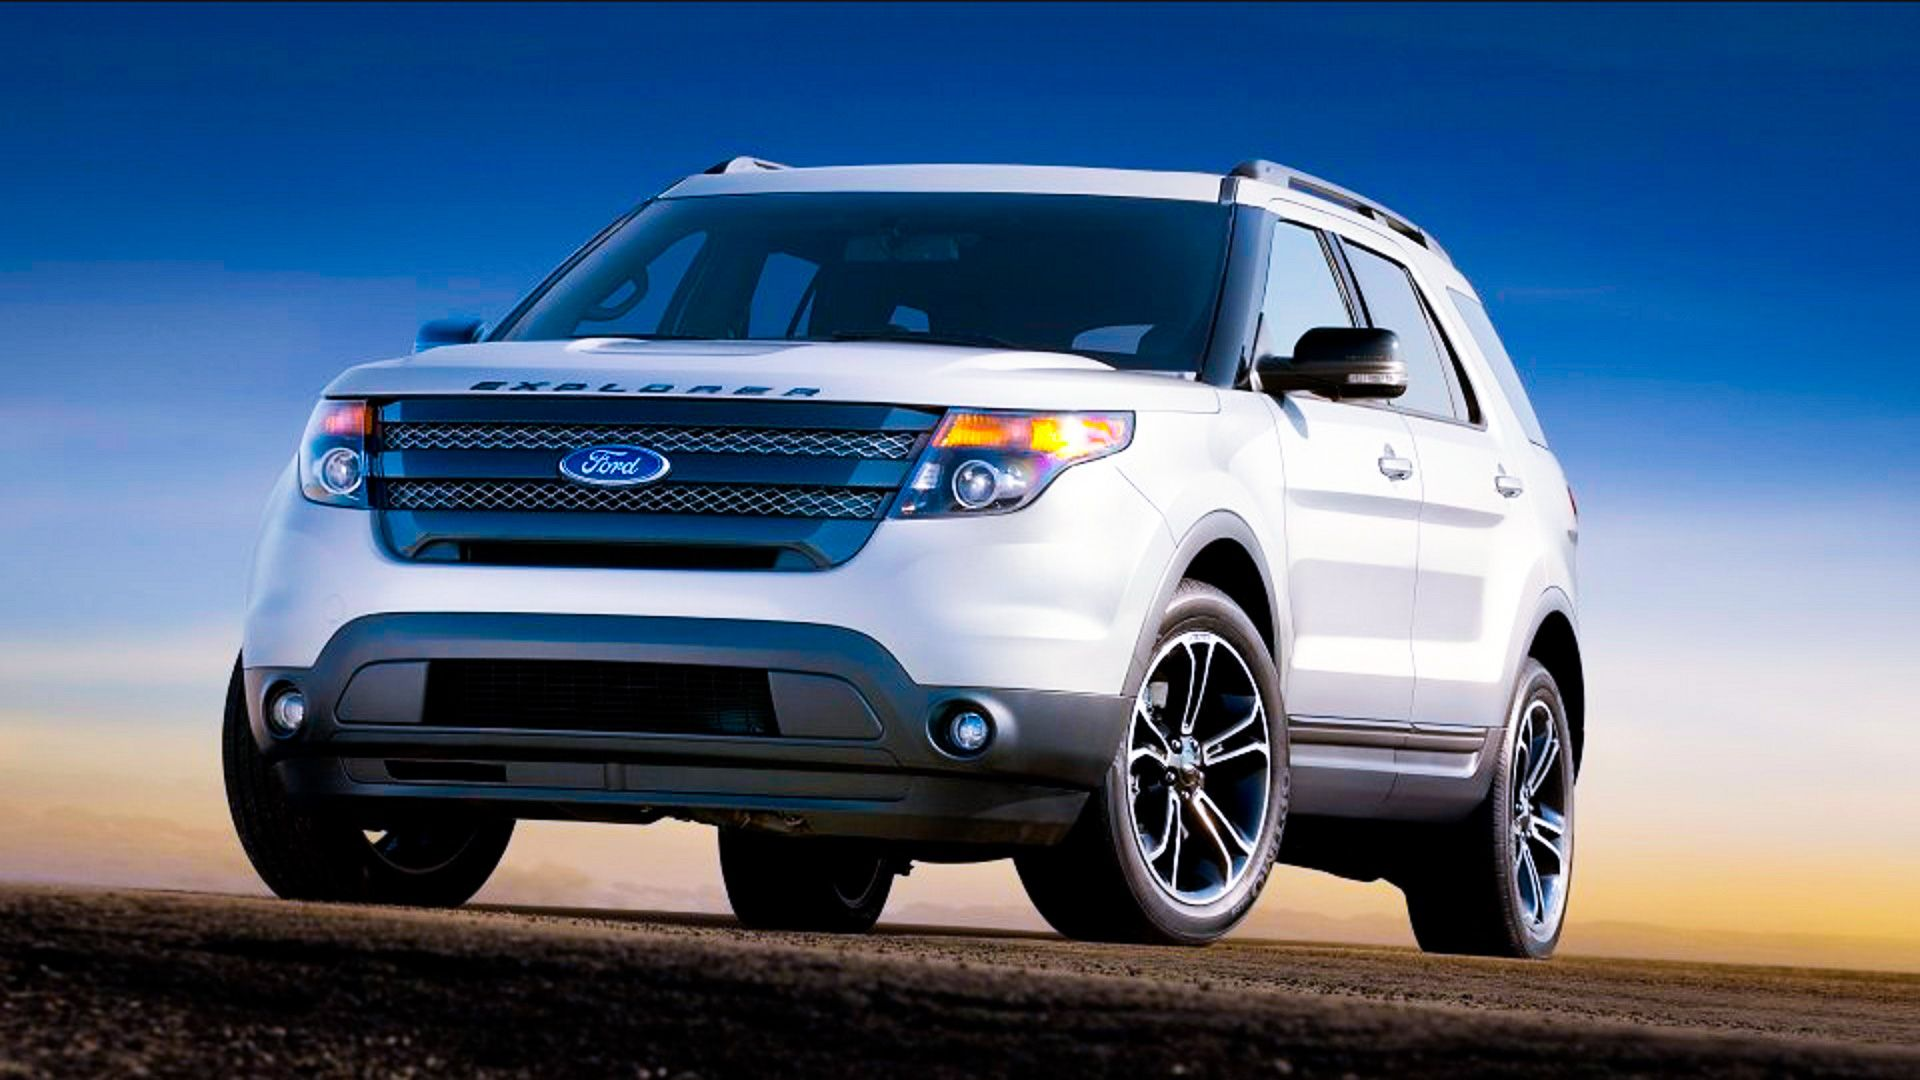 2015 Ford Explorer. Ford